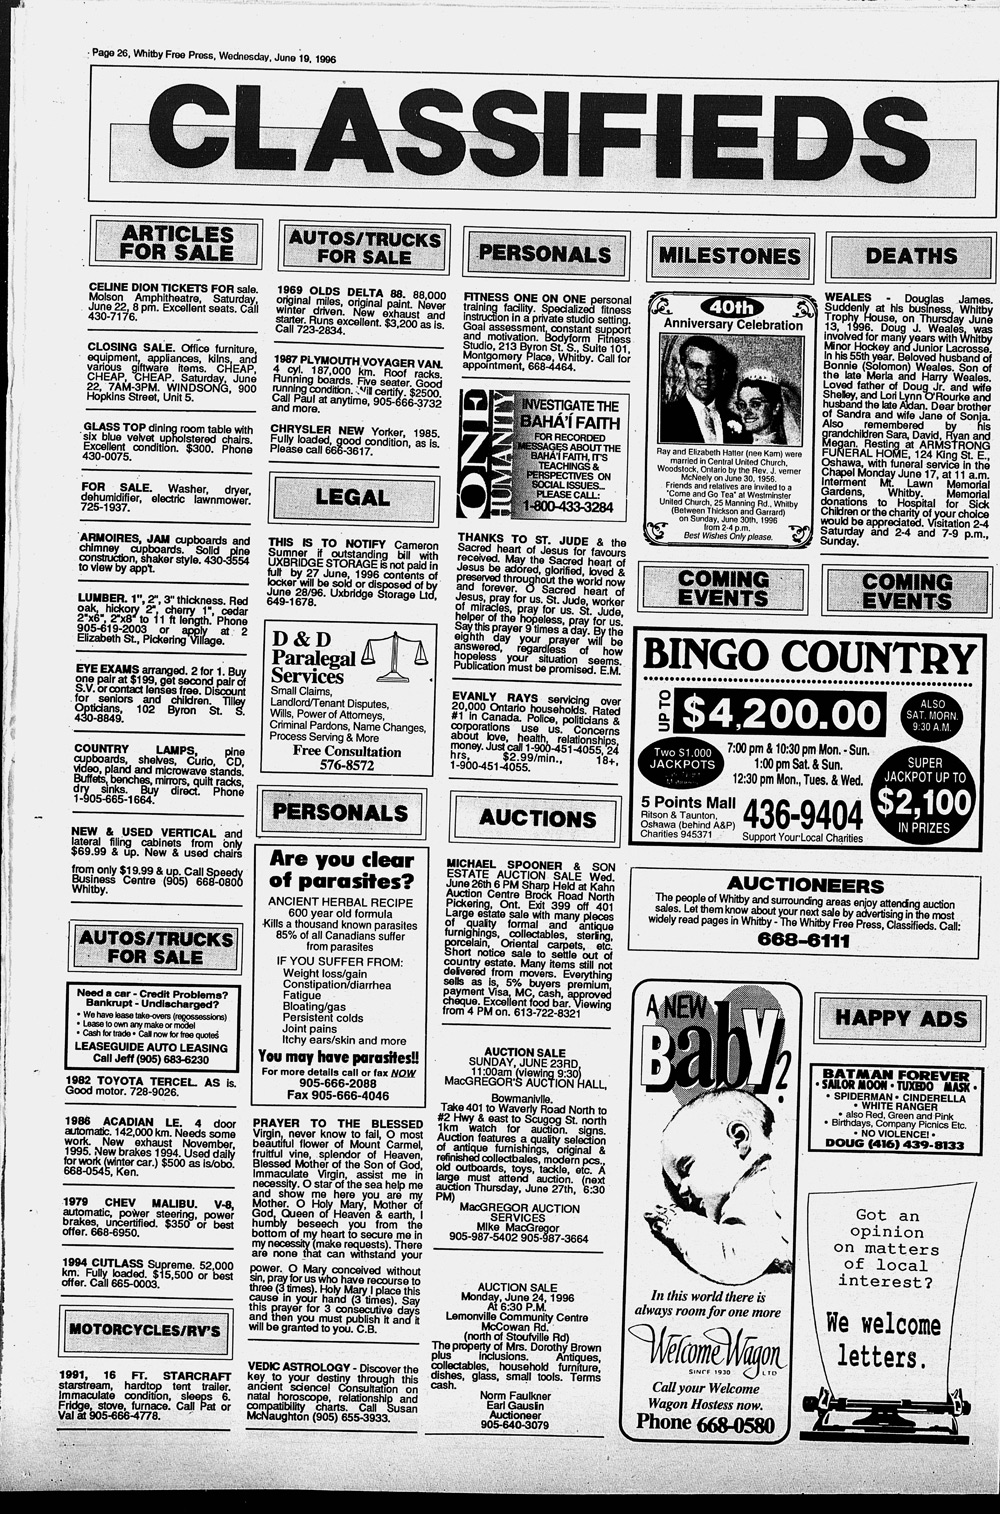 Whitby Free Press, 19 Jun 1996